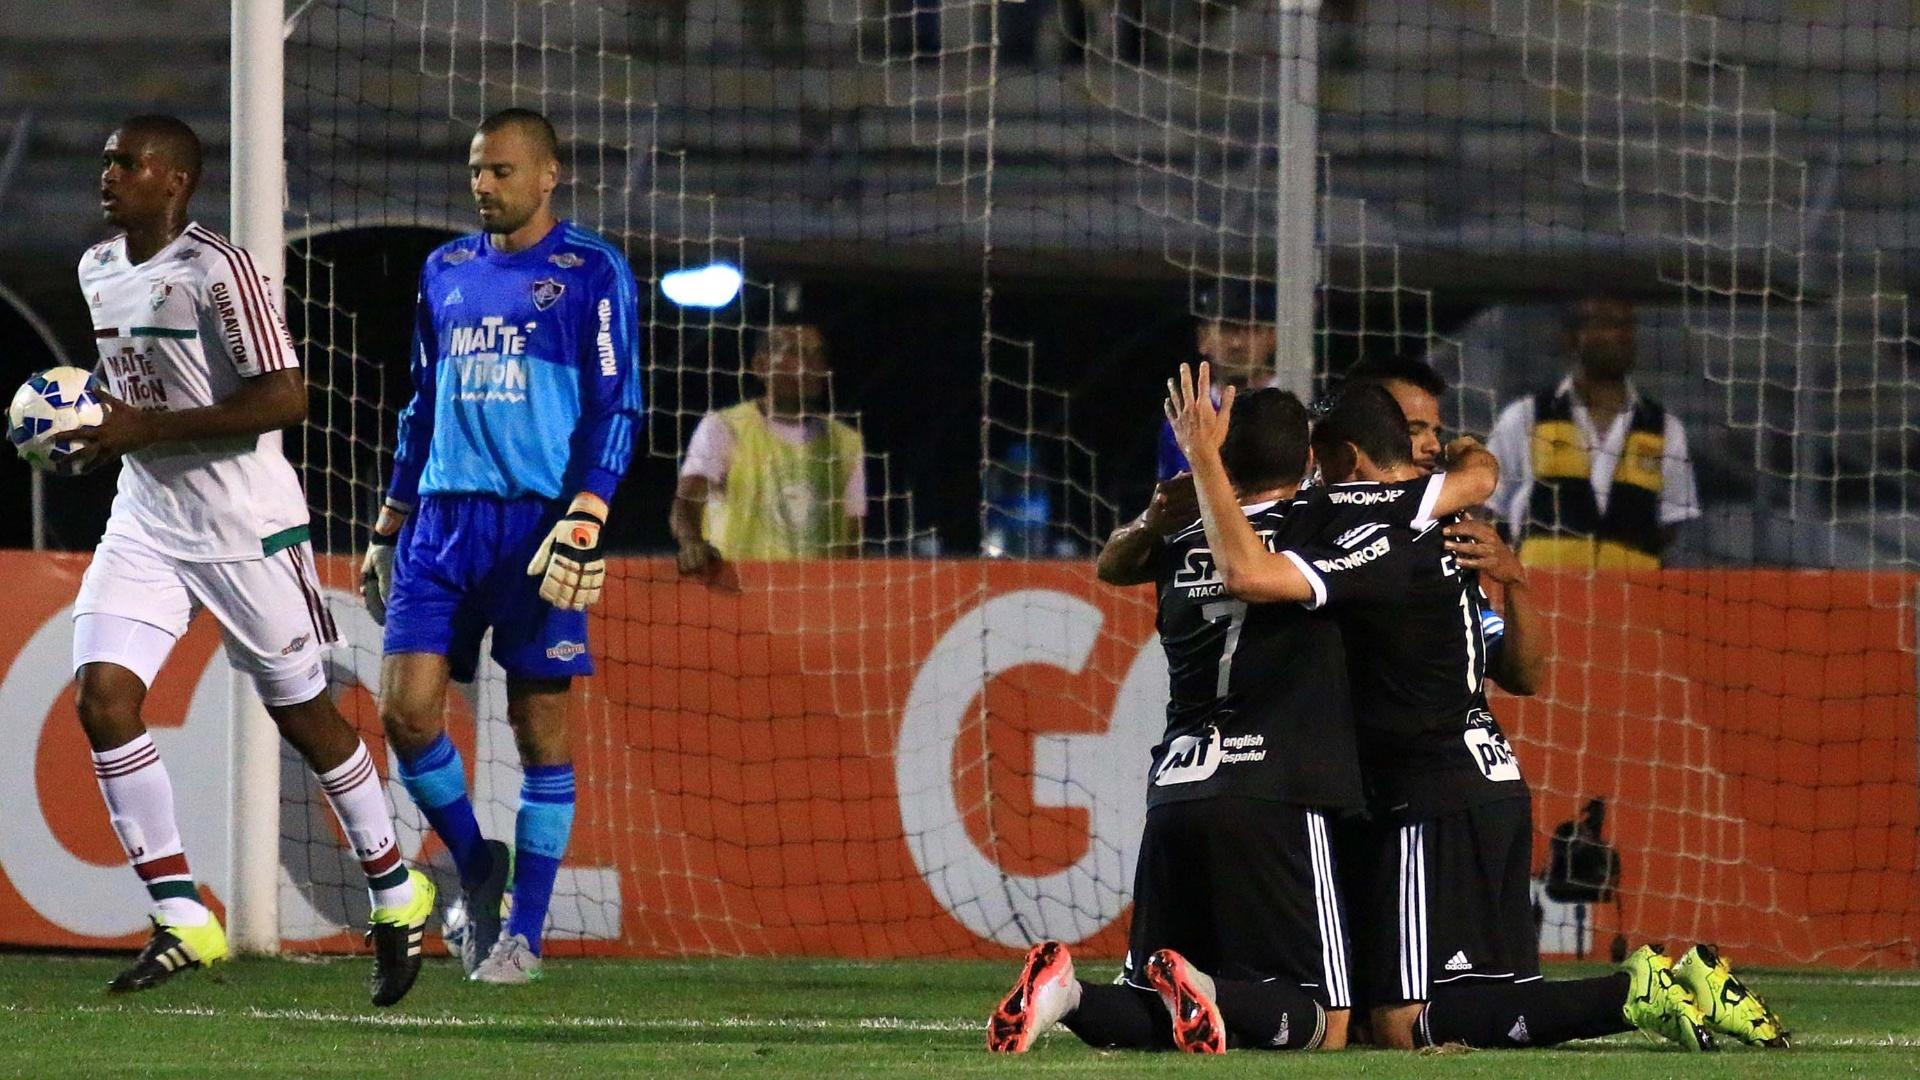 Jogadores da Ponte Preta comemoram após gol que decretou a vitória da Ponte Preta sobre o Fluminense